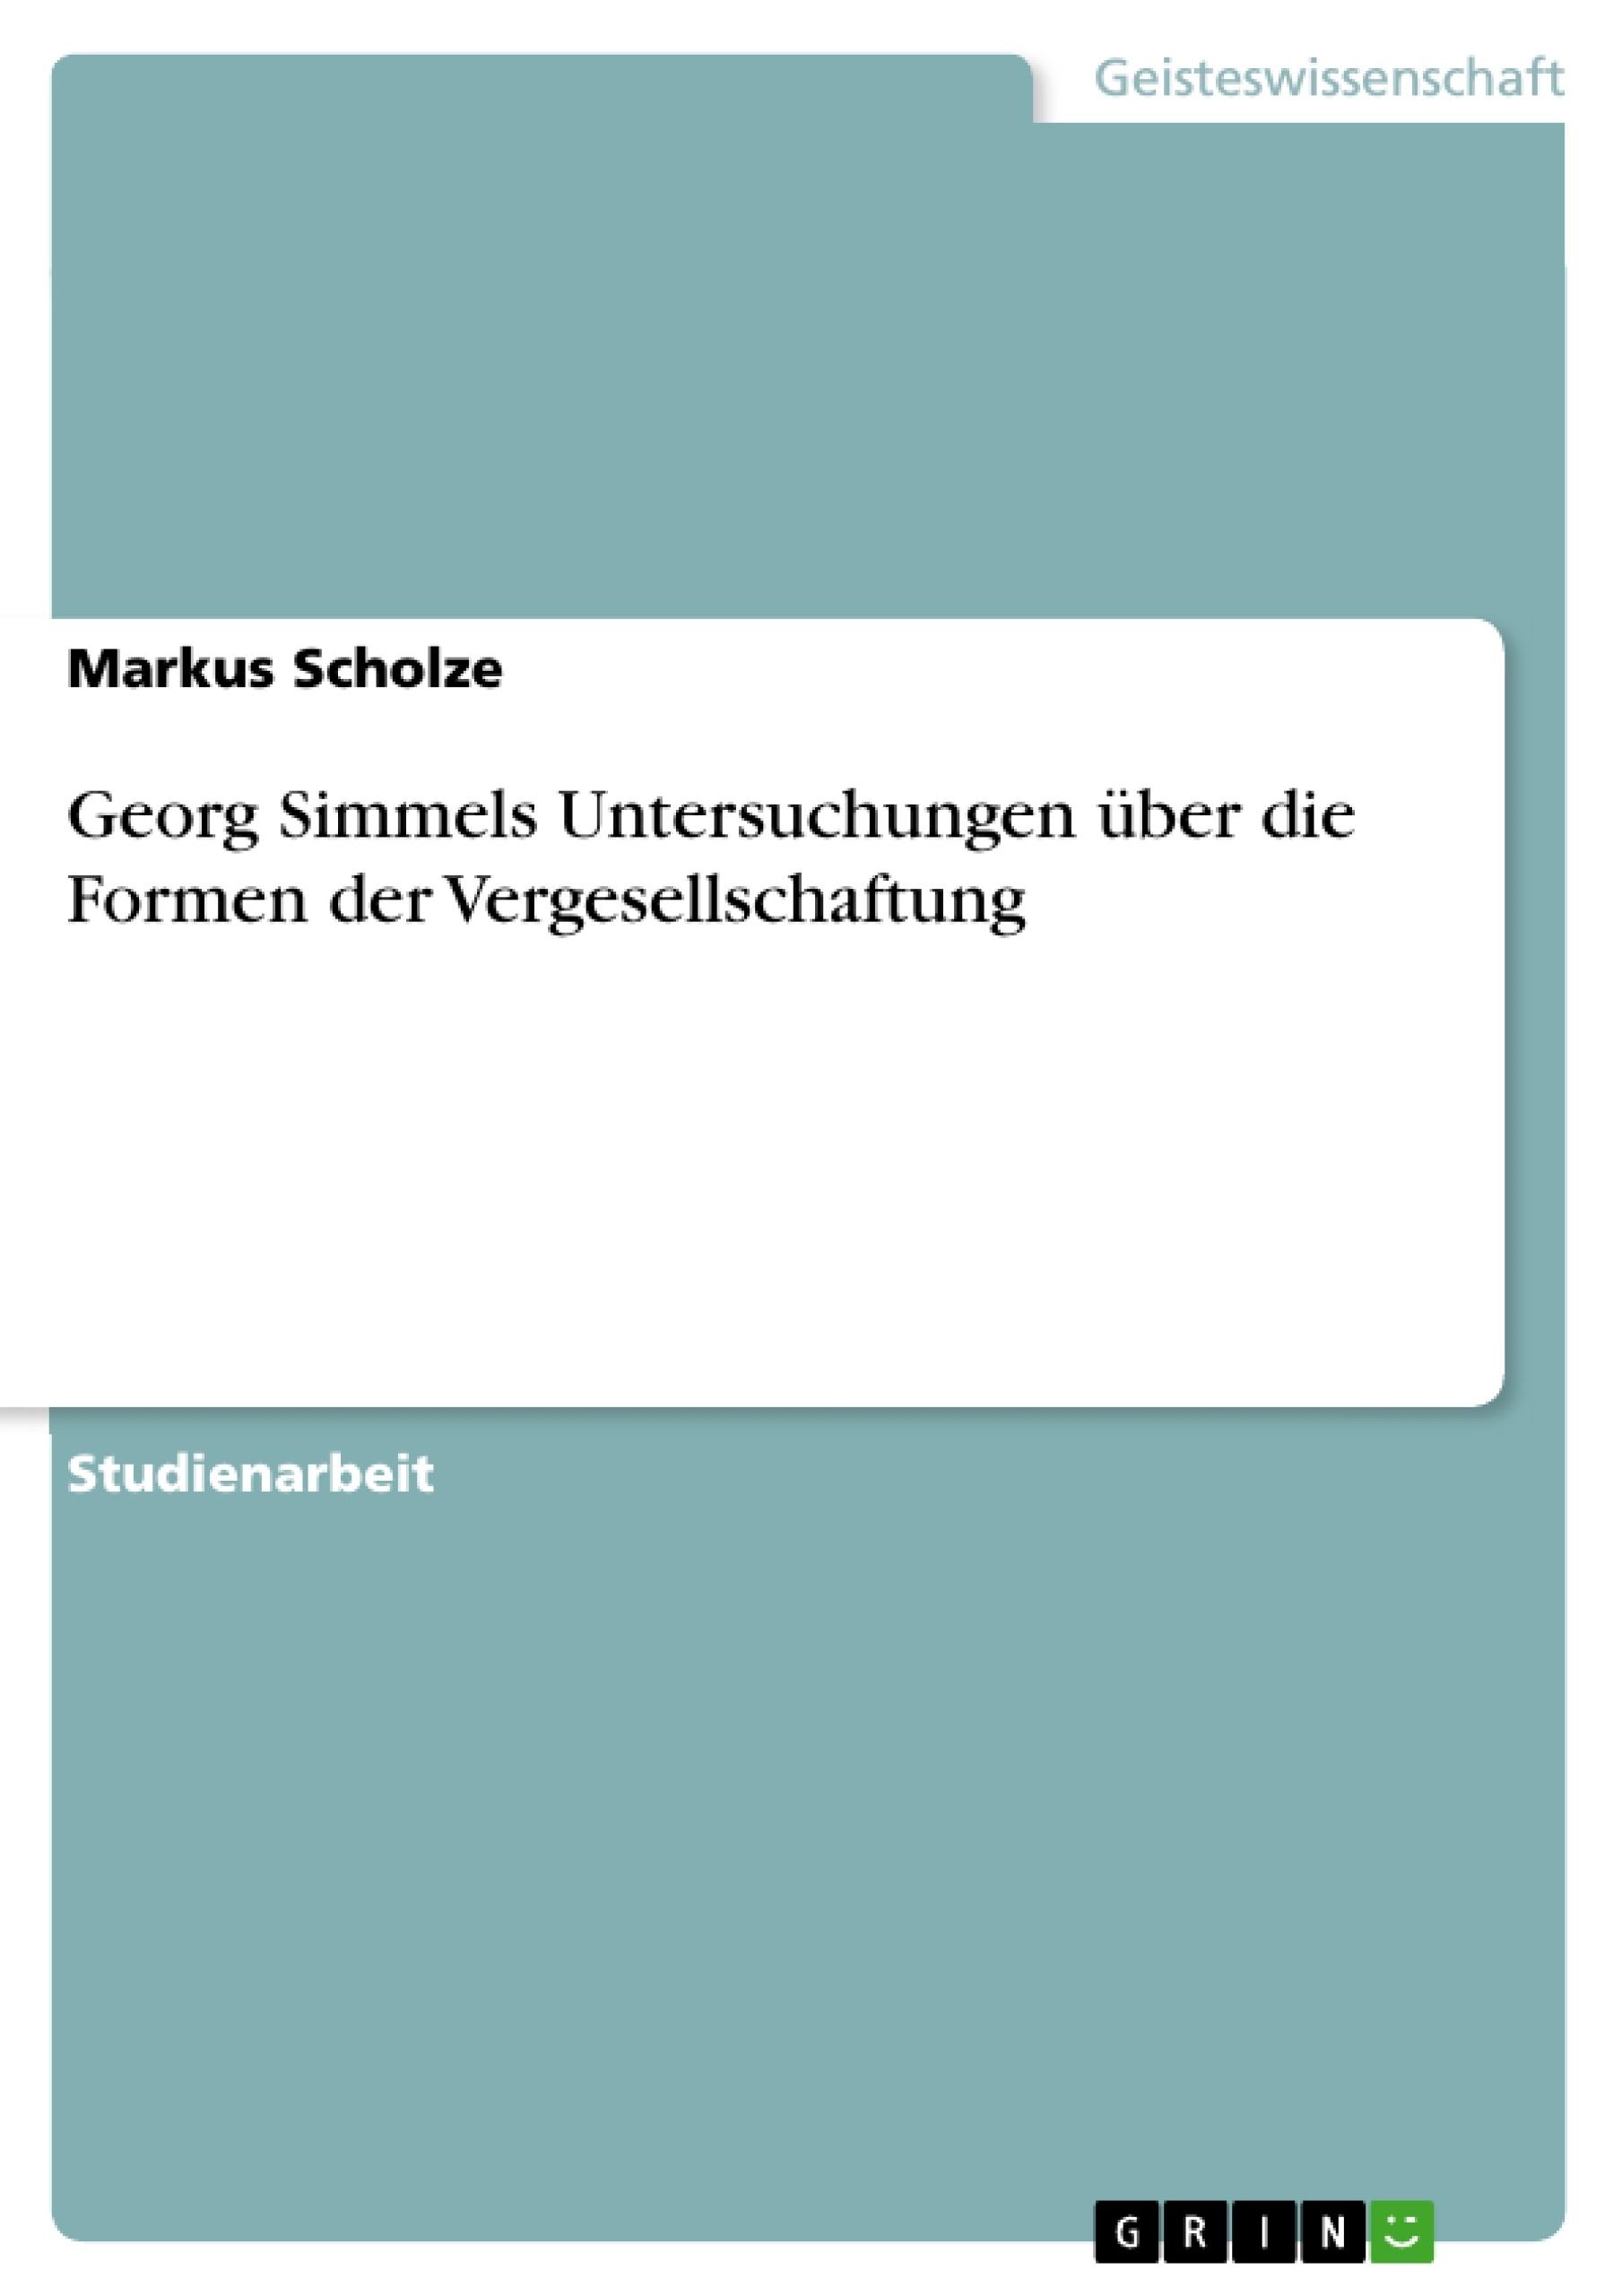 Titel: Georg Simmels Untersuchungen über die Formen der Vergesellschaftung